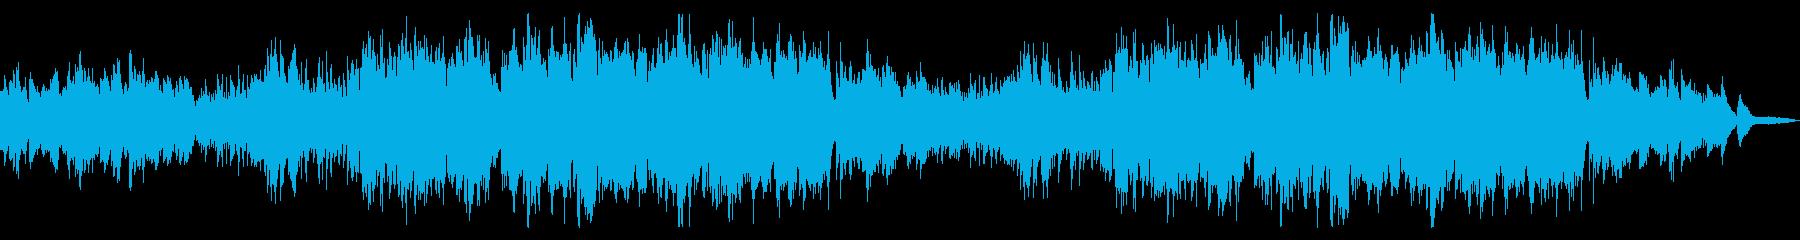 爽やかで透明感のあるシンプルなフルート曲の再生済みの波形